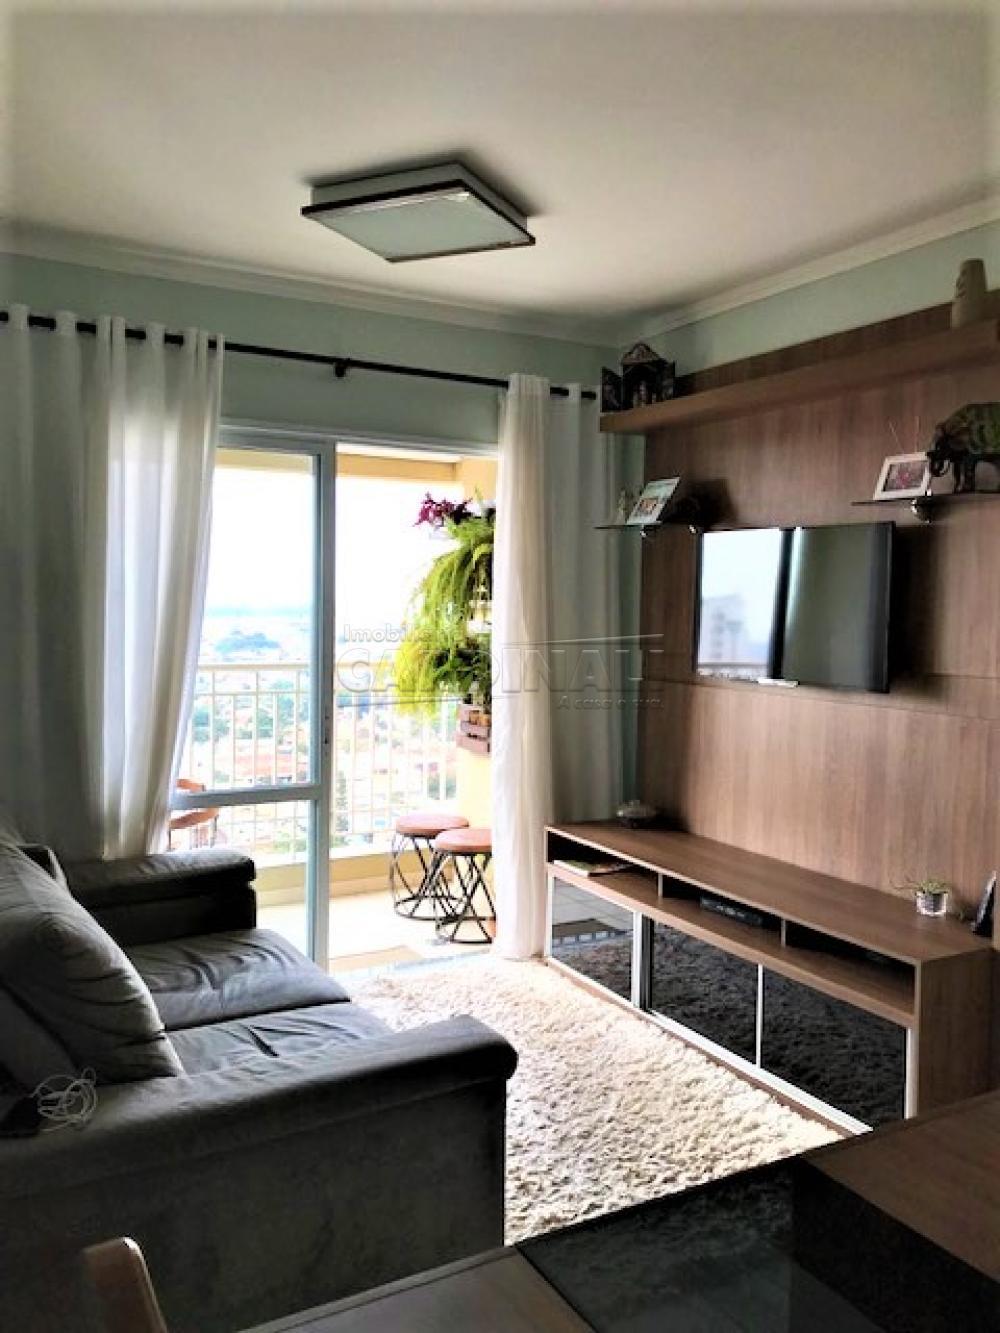 Comprar Apartamento / Padrão em São Carlos R$ 500.000,00 - Foto 10